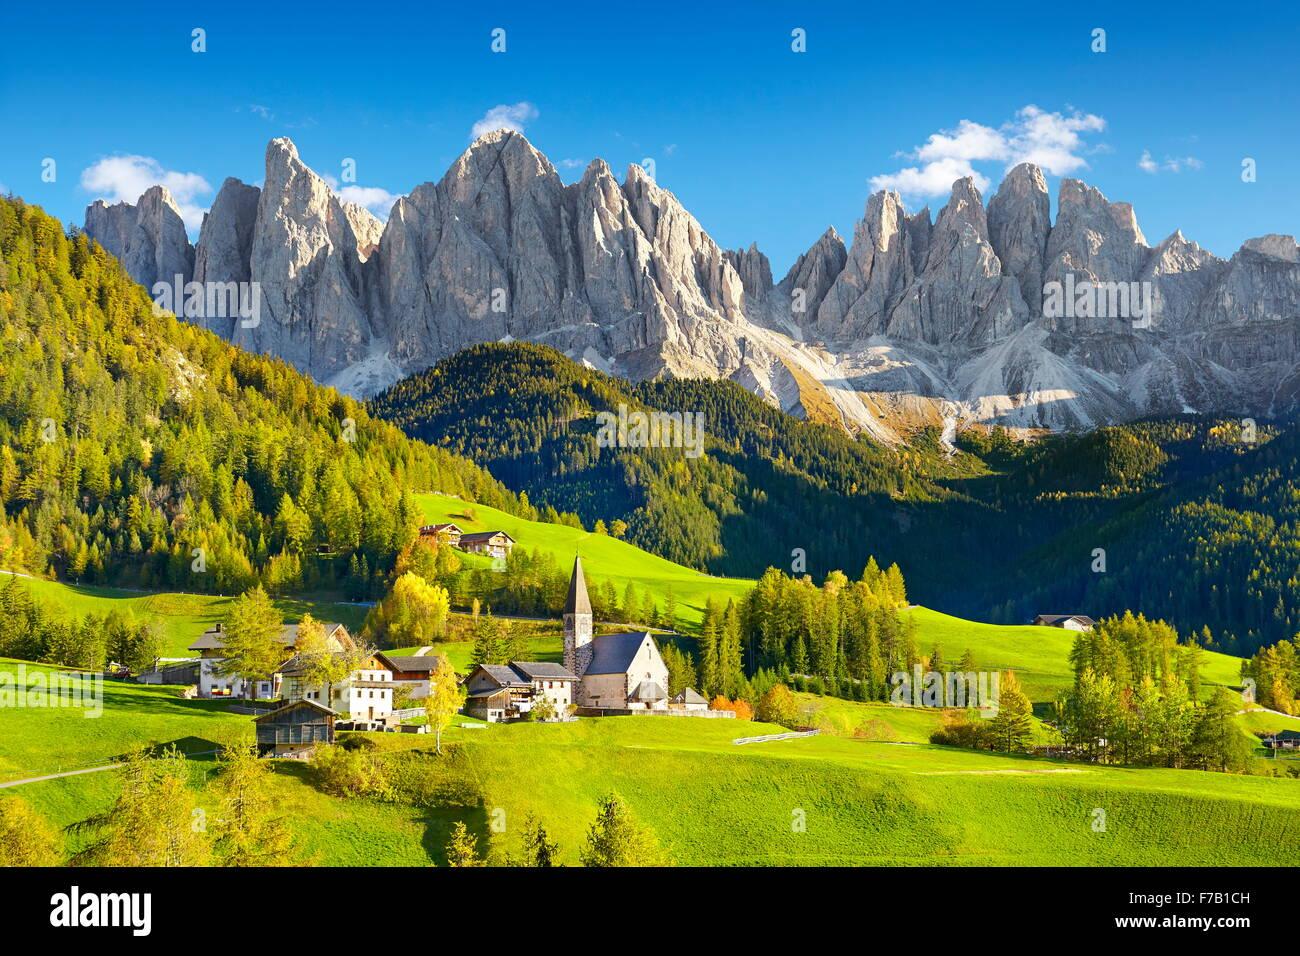 Naturpark Puez Geisler, Dolomiten, Alpen, Südtirol, Italien Stockbild